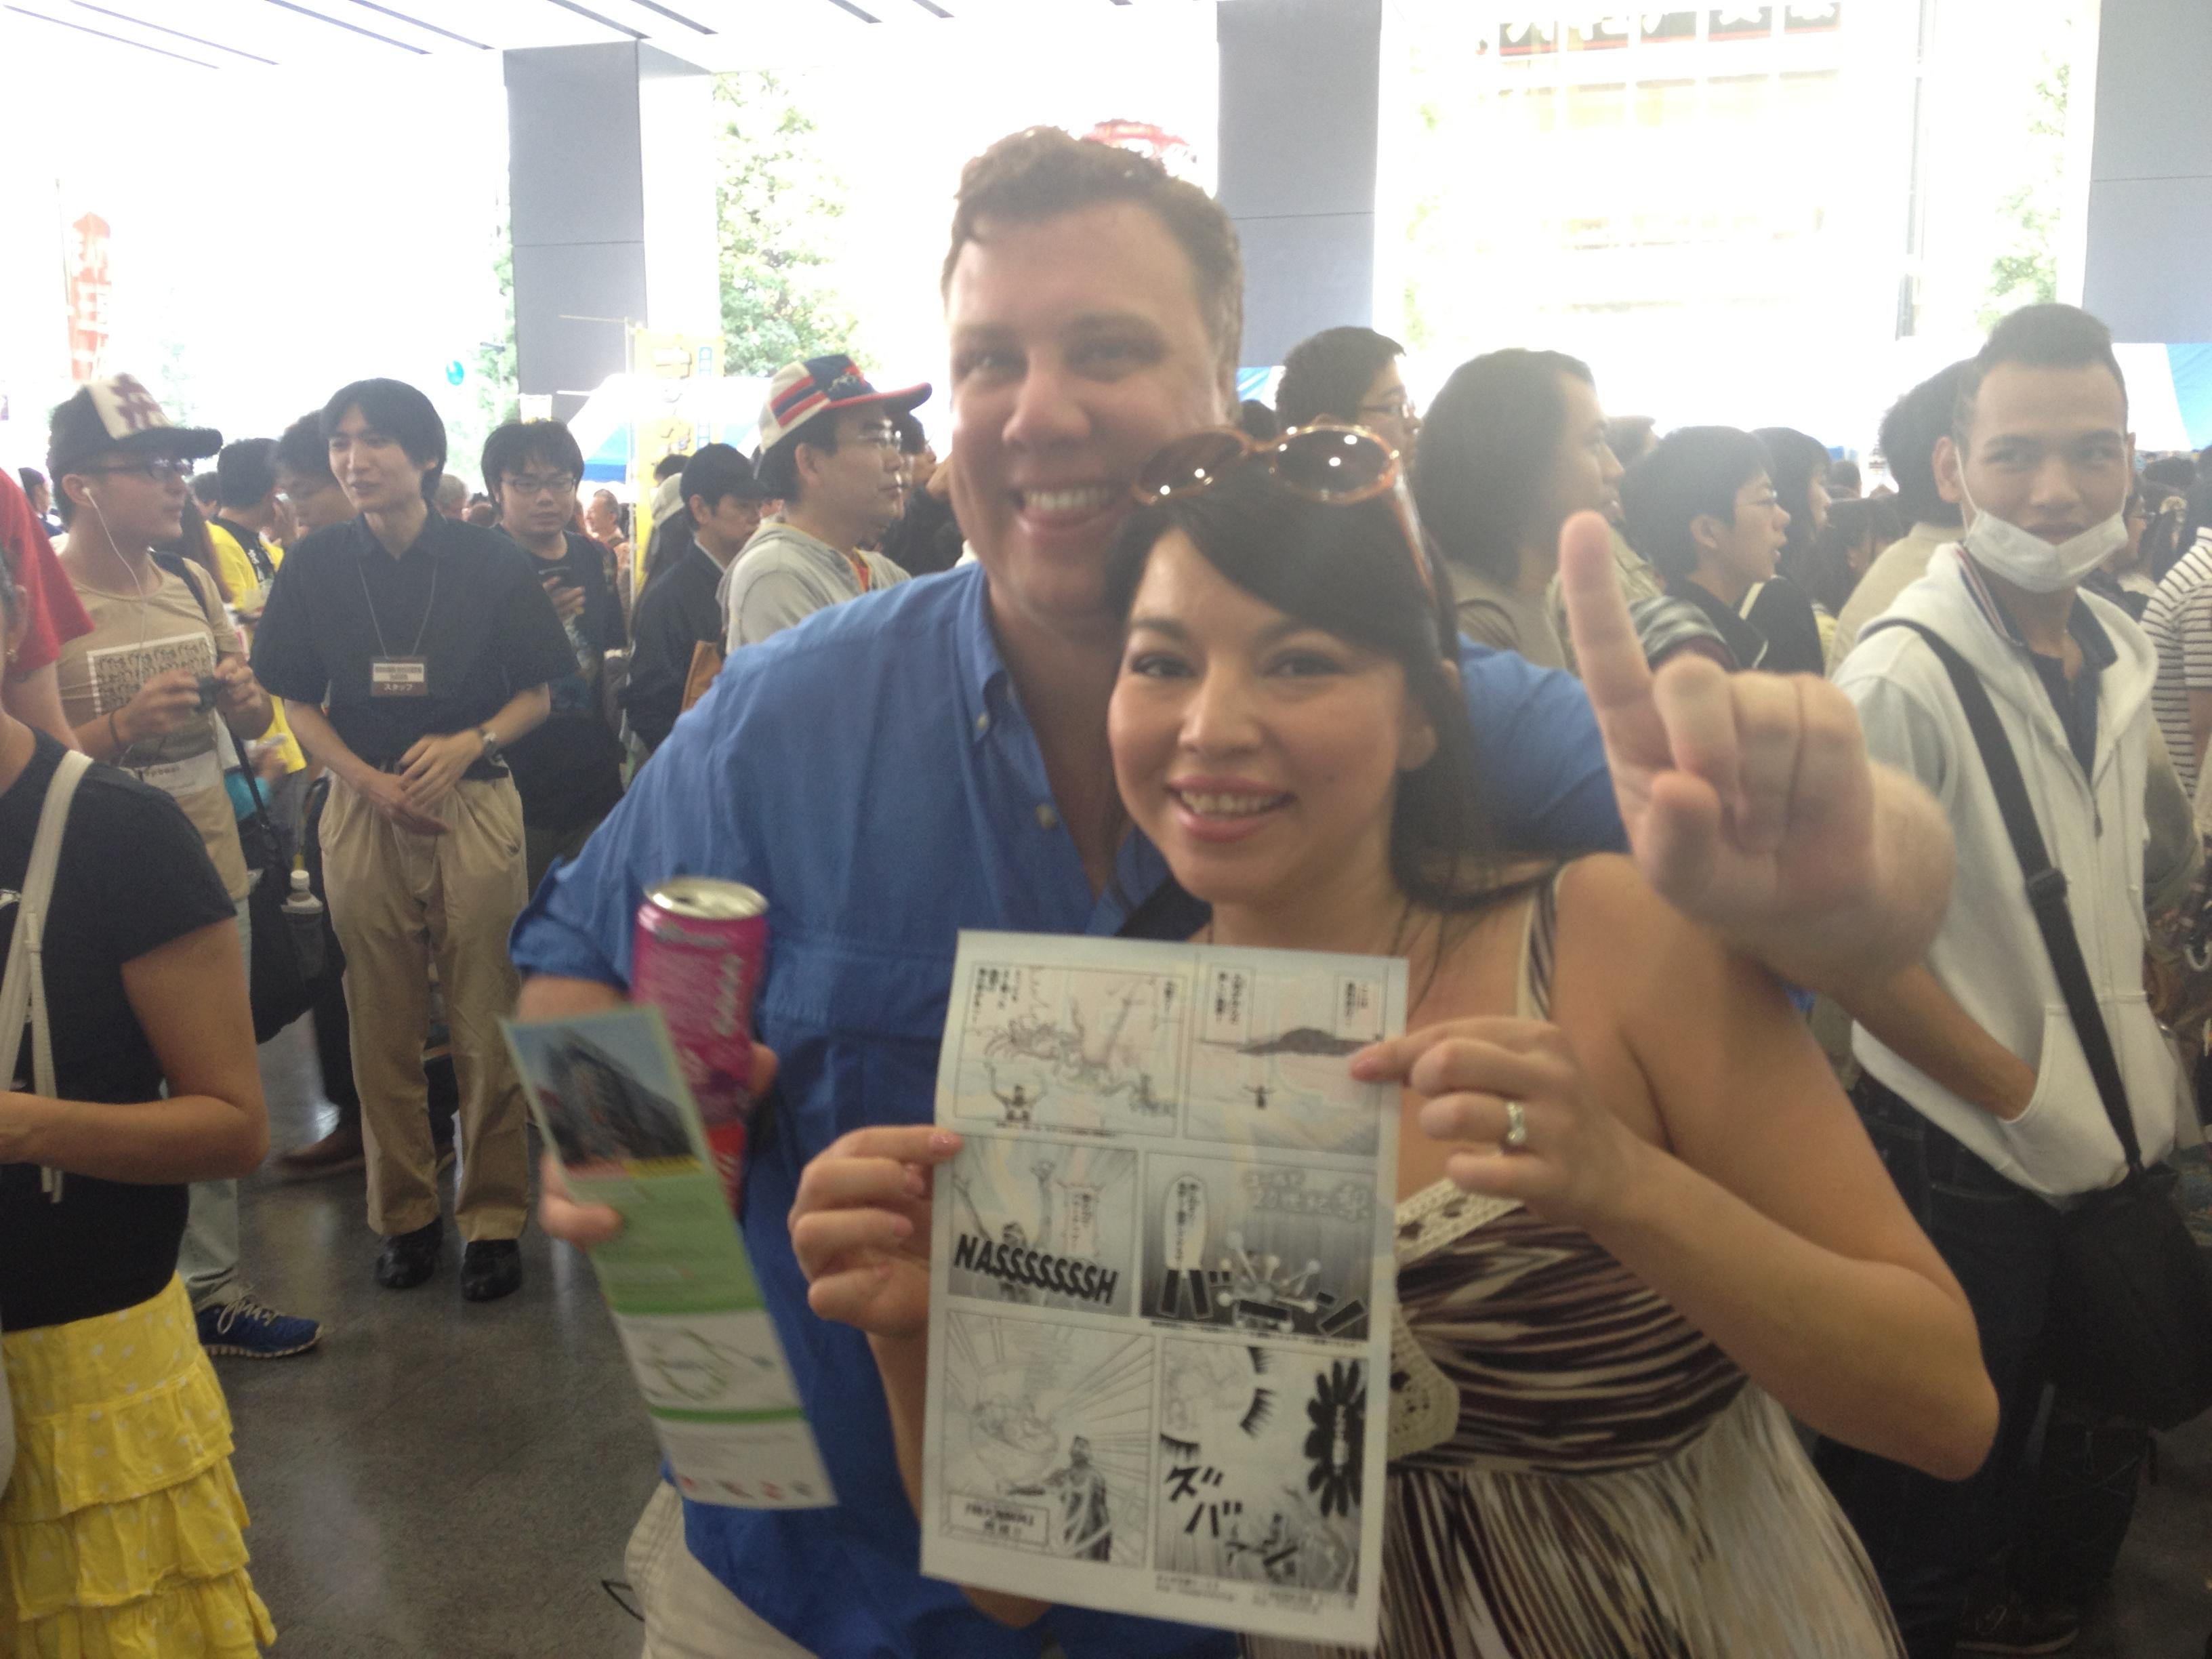 アメリカからのお客様、アキバは海外からのお客様が多く、良い反応。